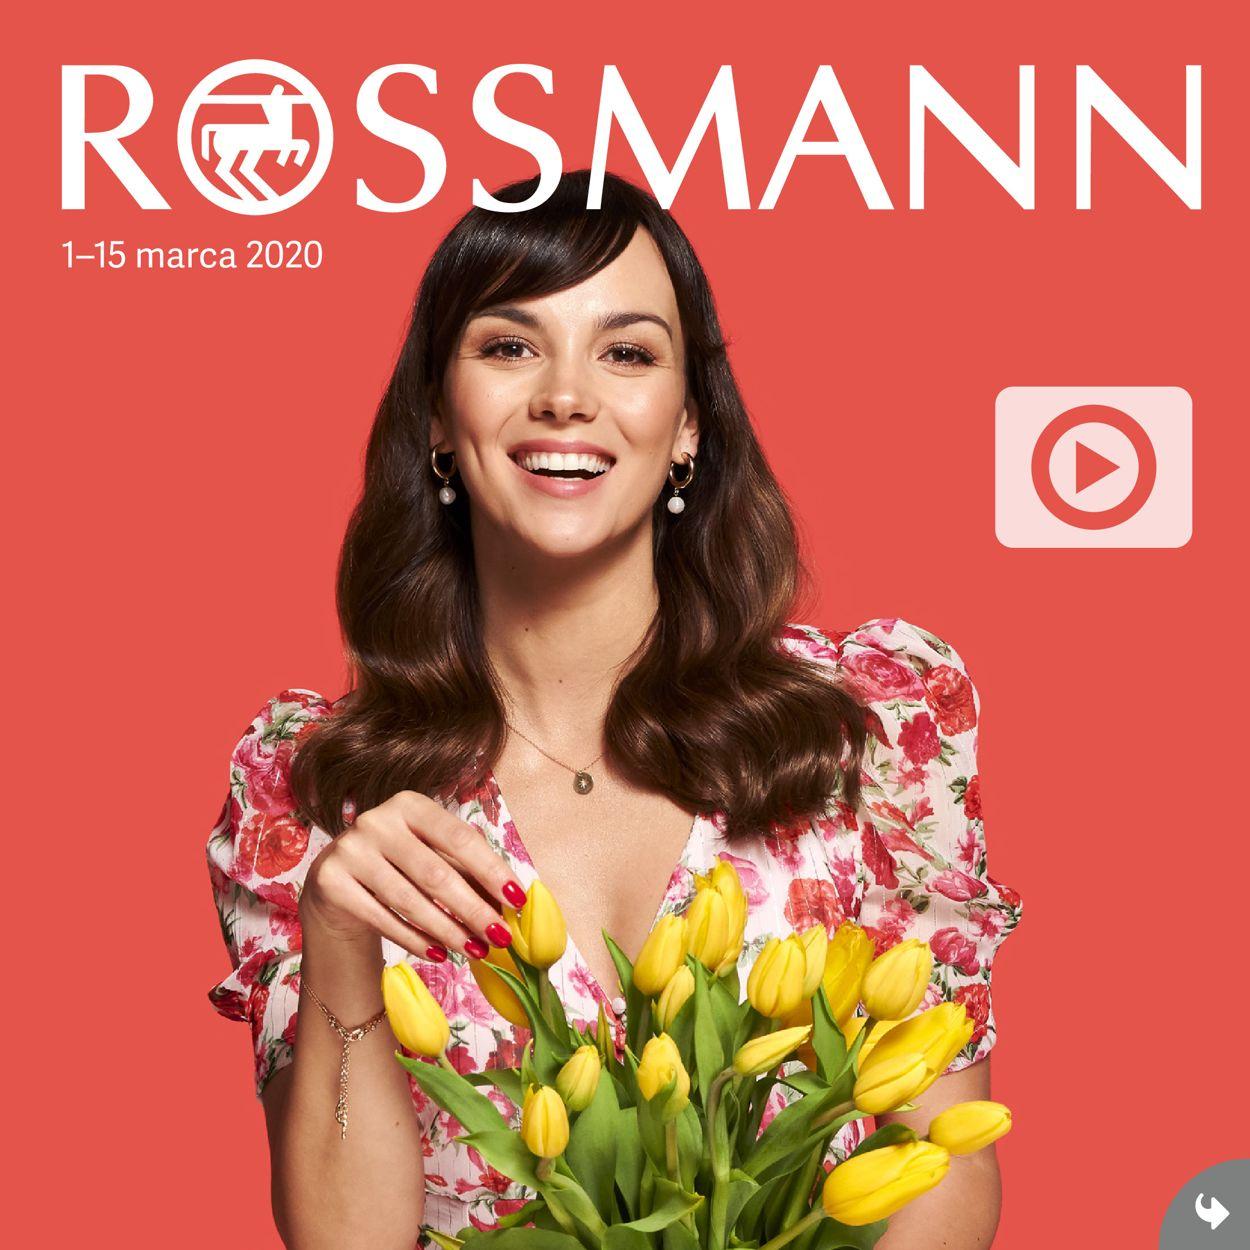 Gazetka promocyjna Rossmann - 01.03-15.03.2020